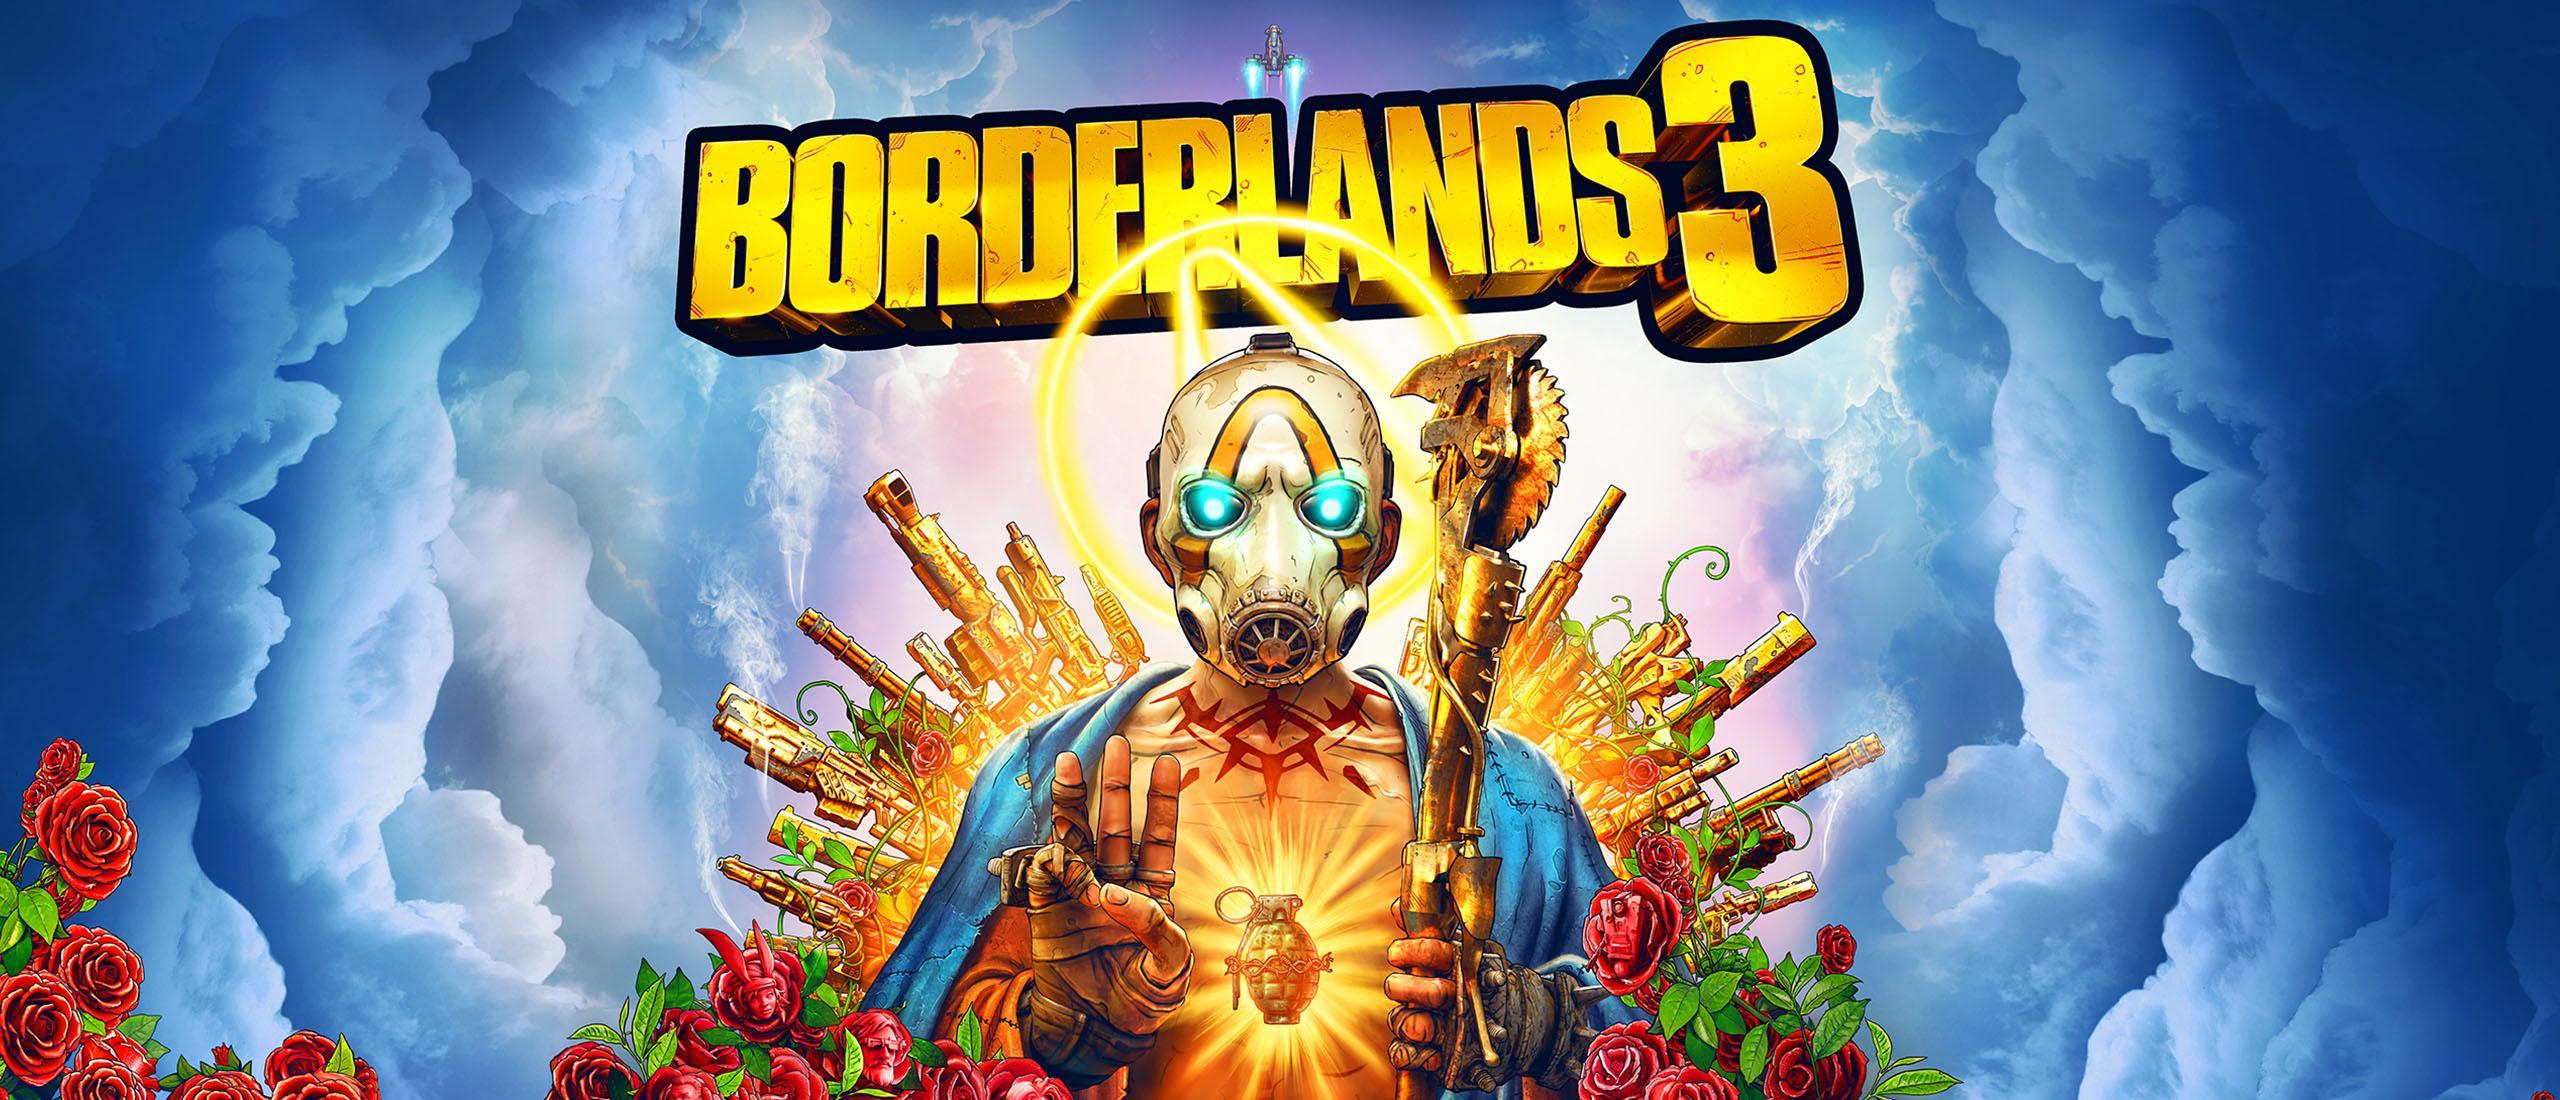 Borderlands 3 - Box-Art geleakt und sowohl Release als auch Editionen enthüllt